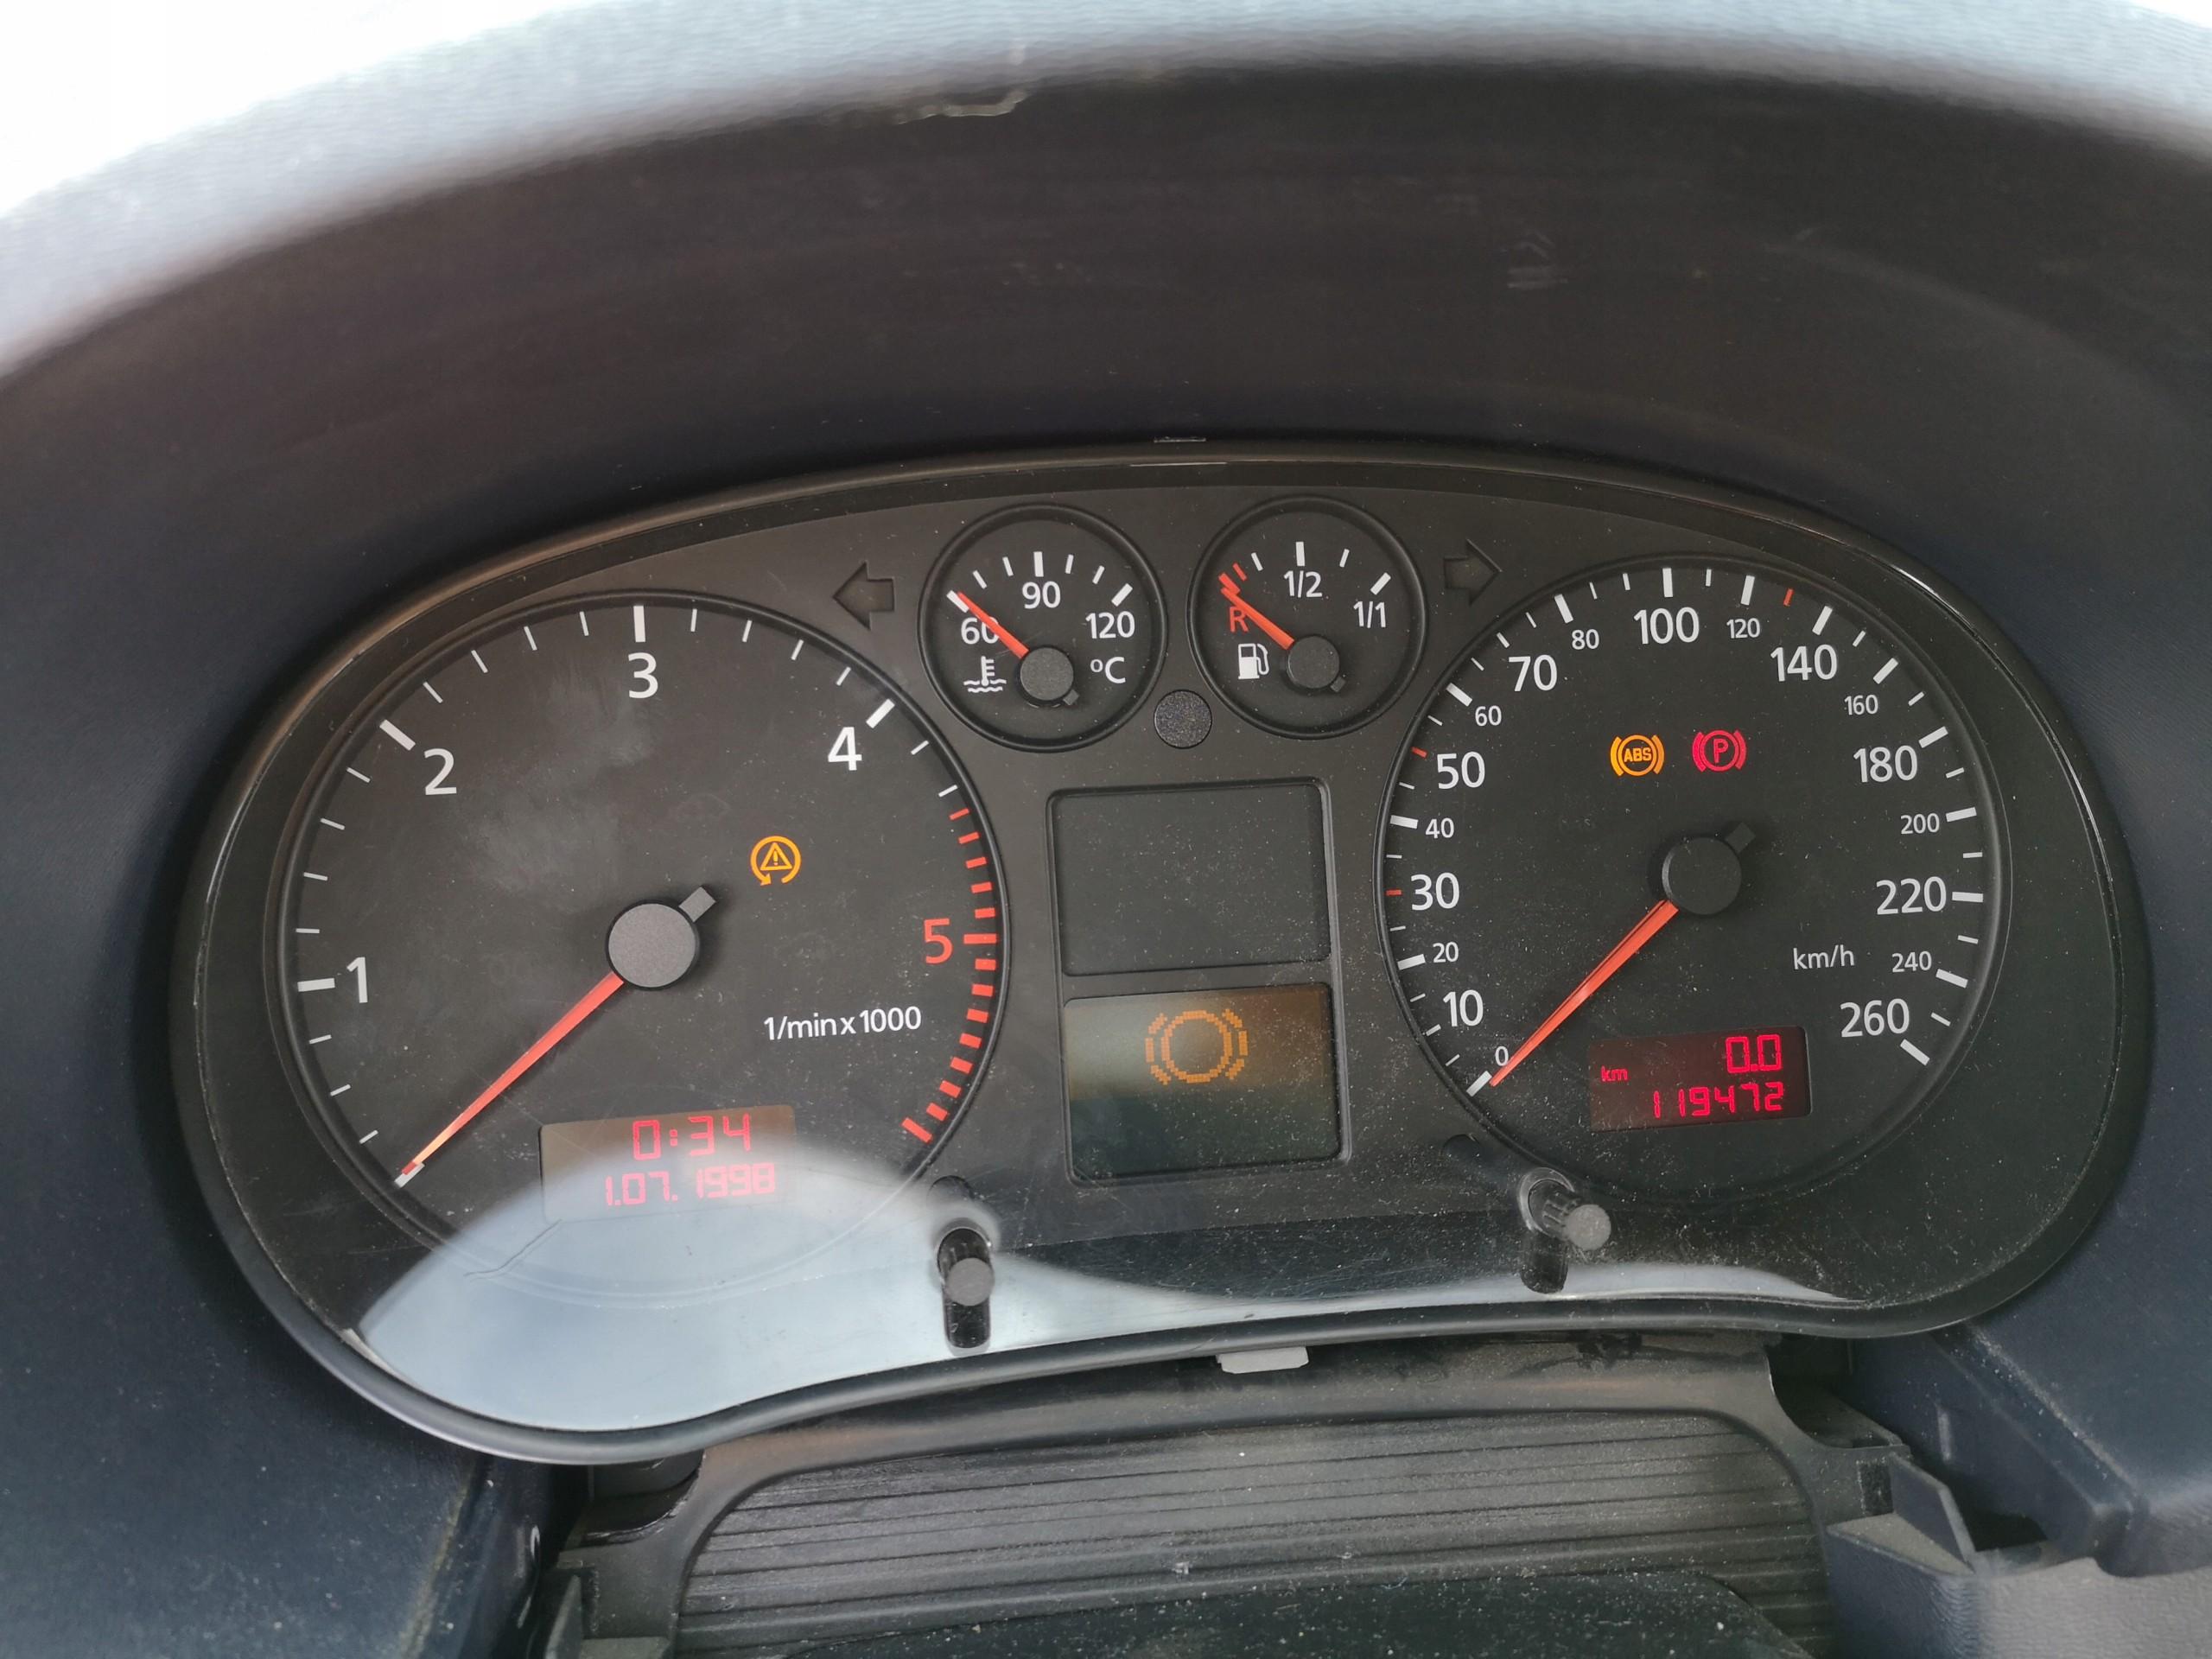 Audi A3 8l Lift Licznik Zegary Jaeger 8l0920900e 7429497542